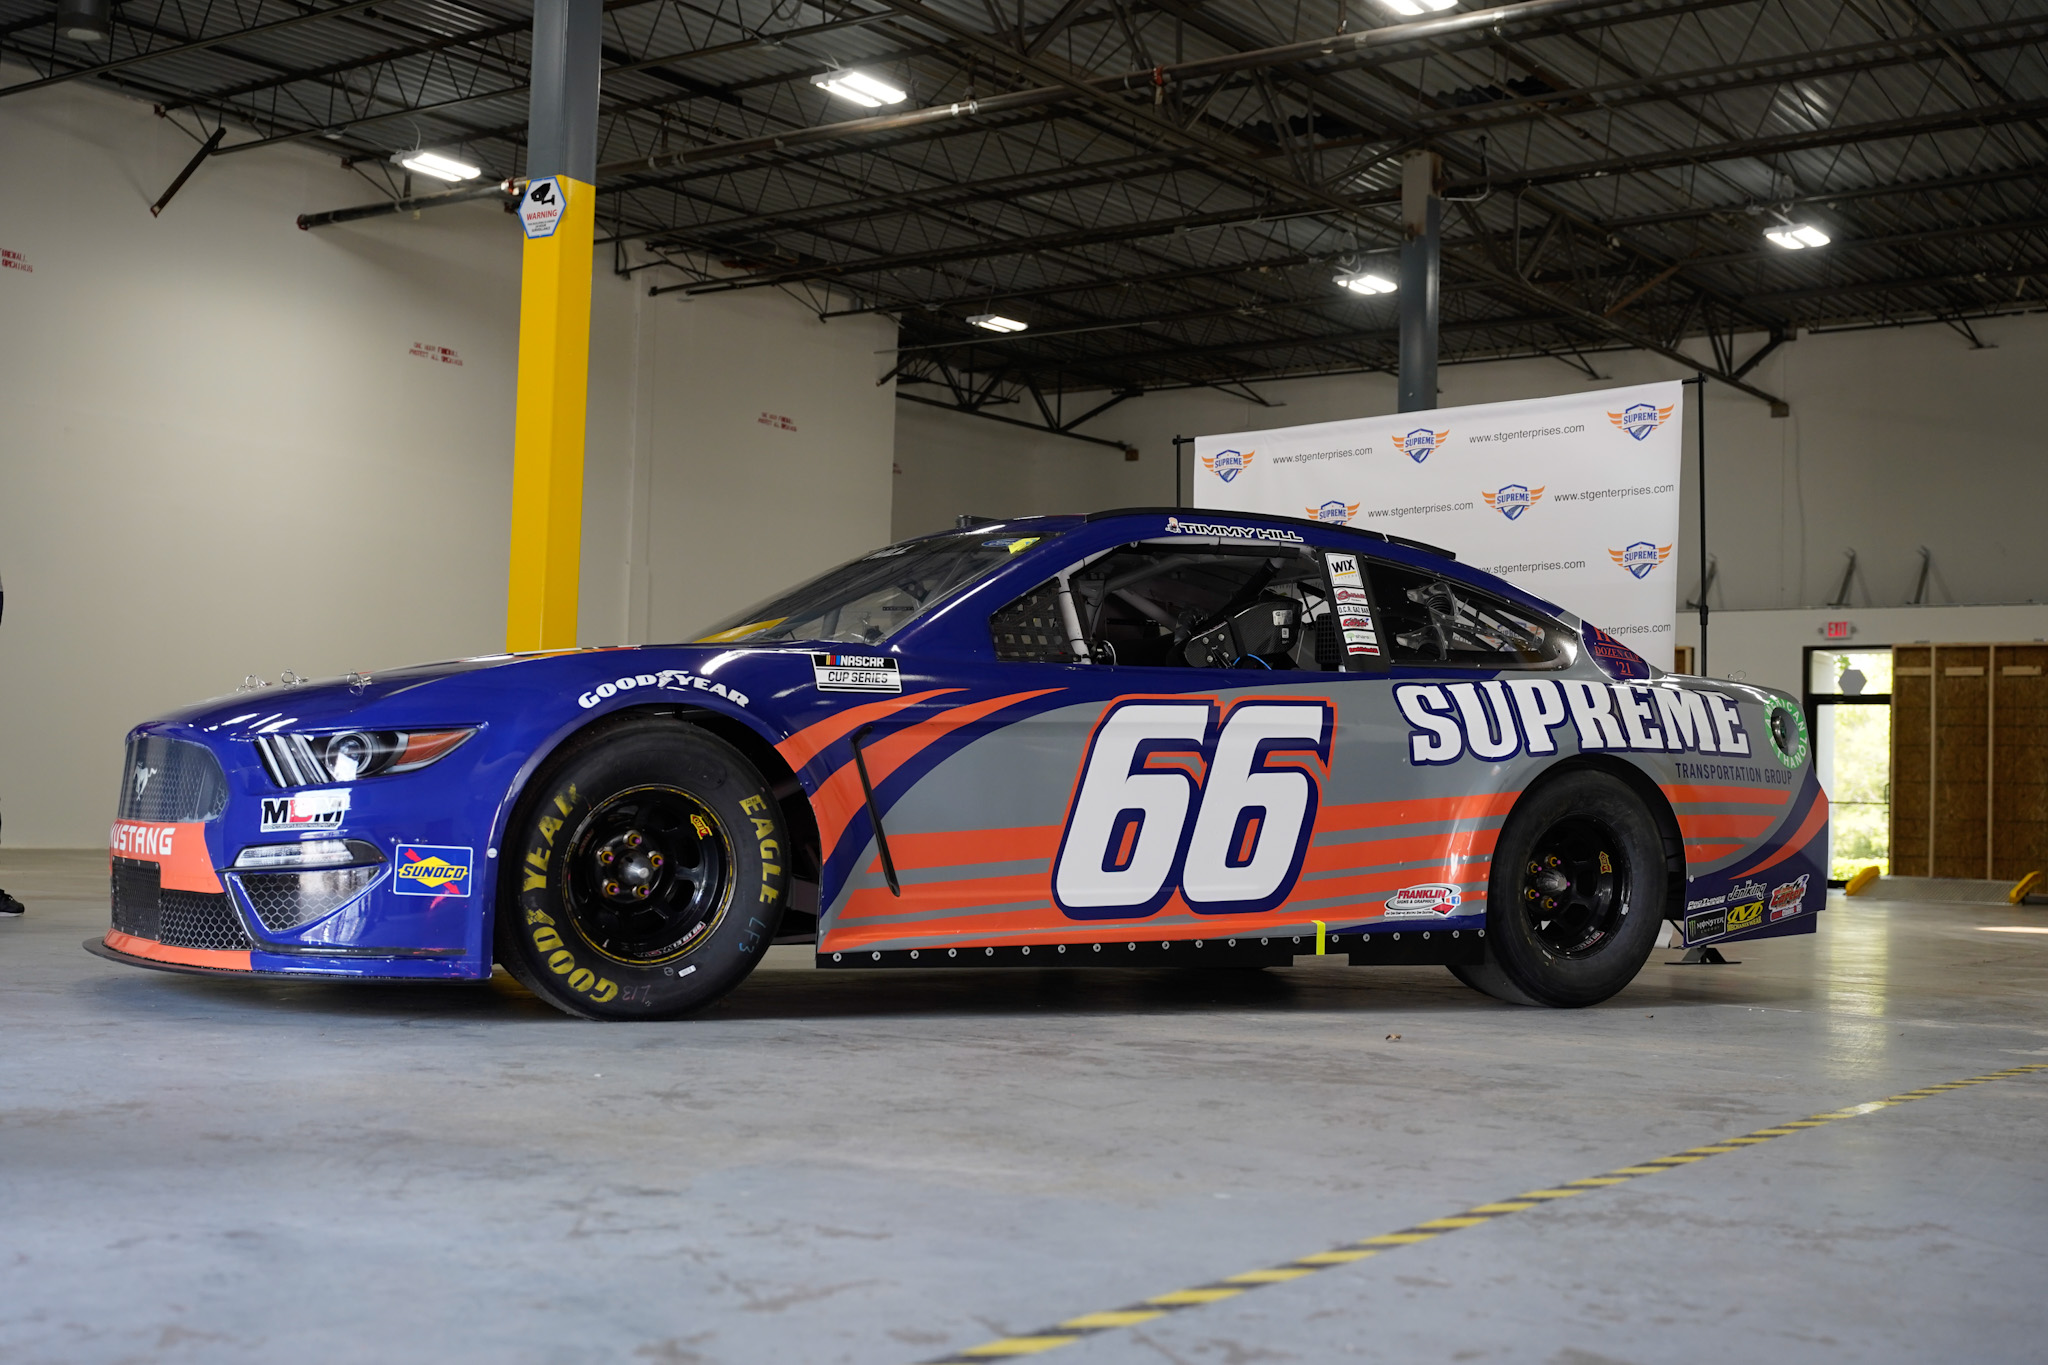 Supreme Transportation Group-branded nascar